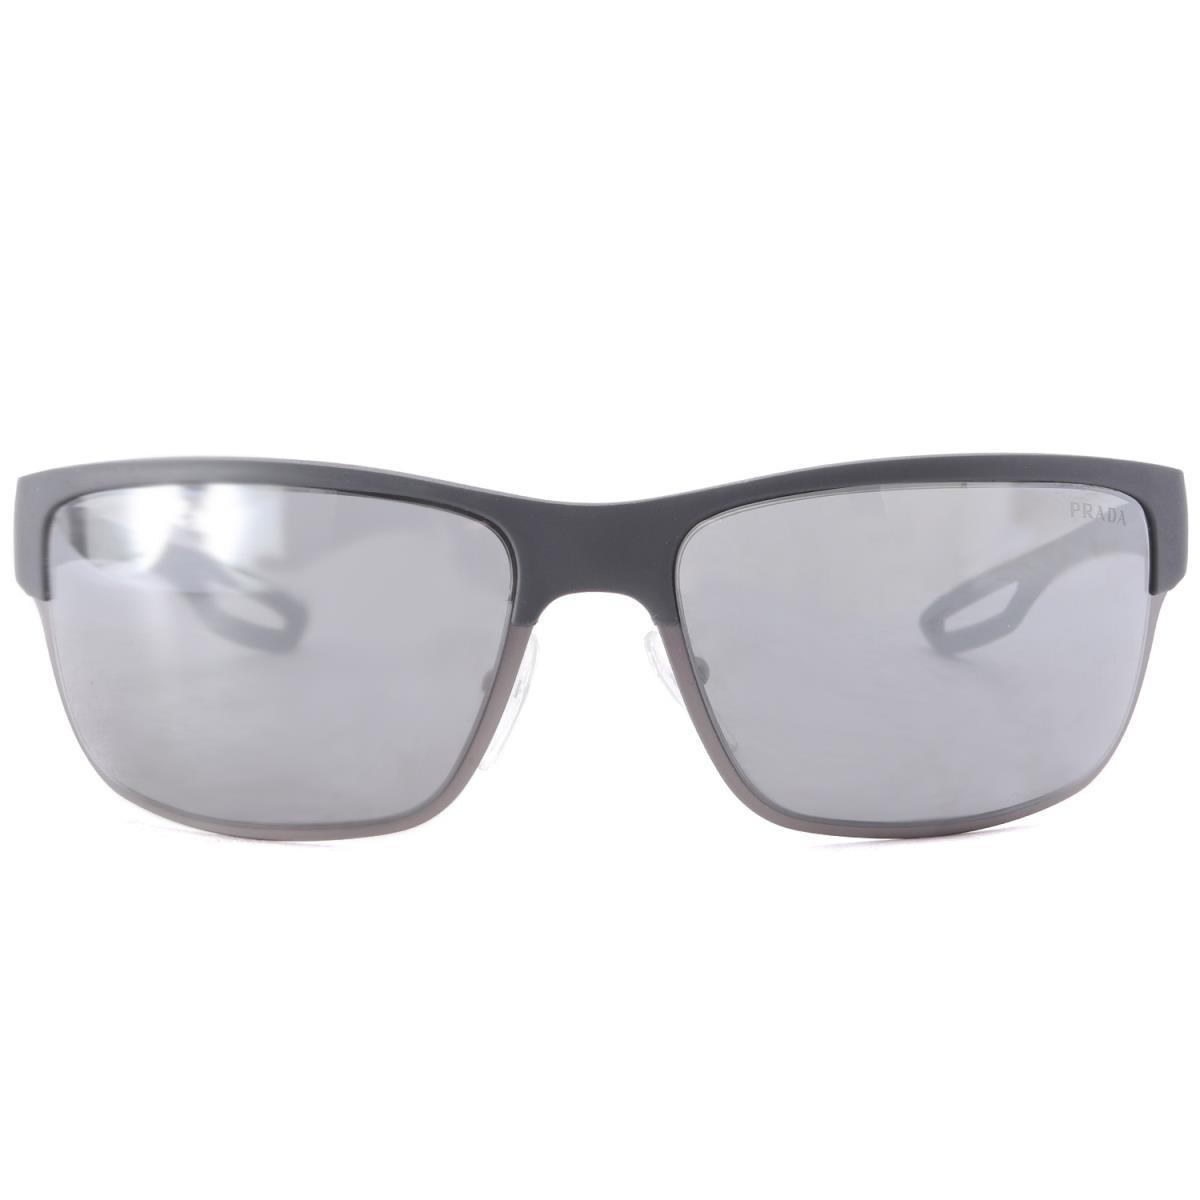 6e95e193c6 PRADA SPORTS (Prada sports) rubber X metal frame smoke lens sunglasses (SPS  50Q) glasses gray X smoke lens 64 □ 18